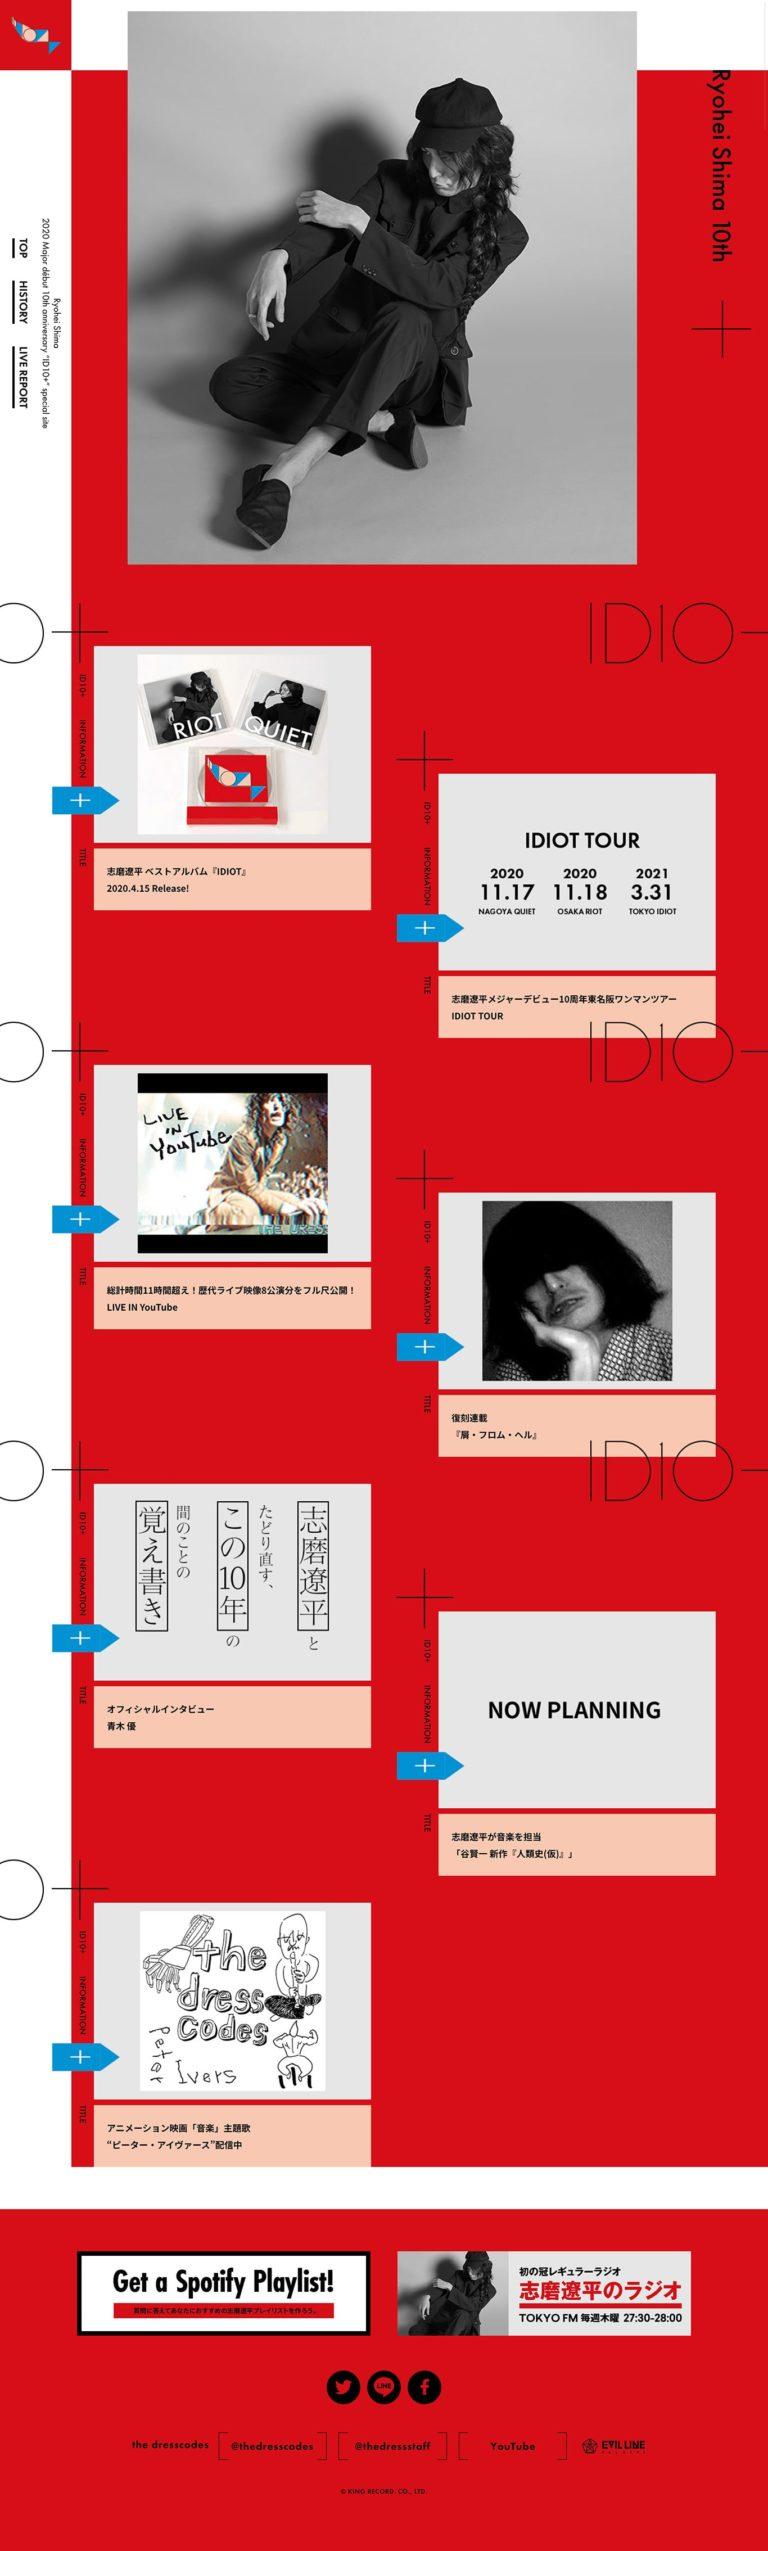 志磨遼平メジャーデビュー10周年『ID10+』特設サイト